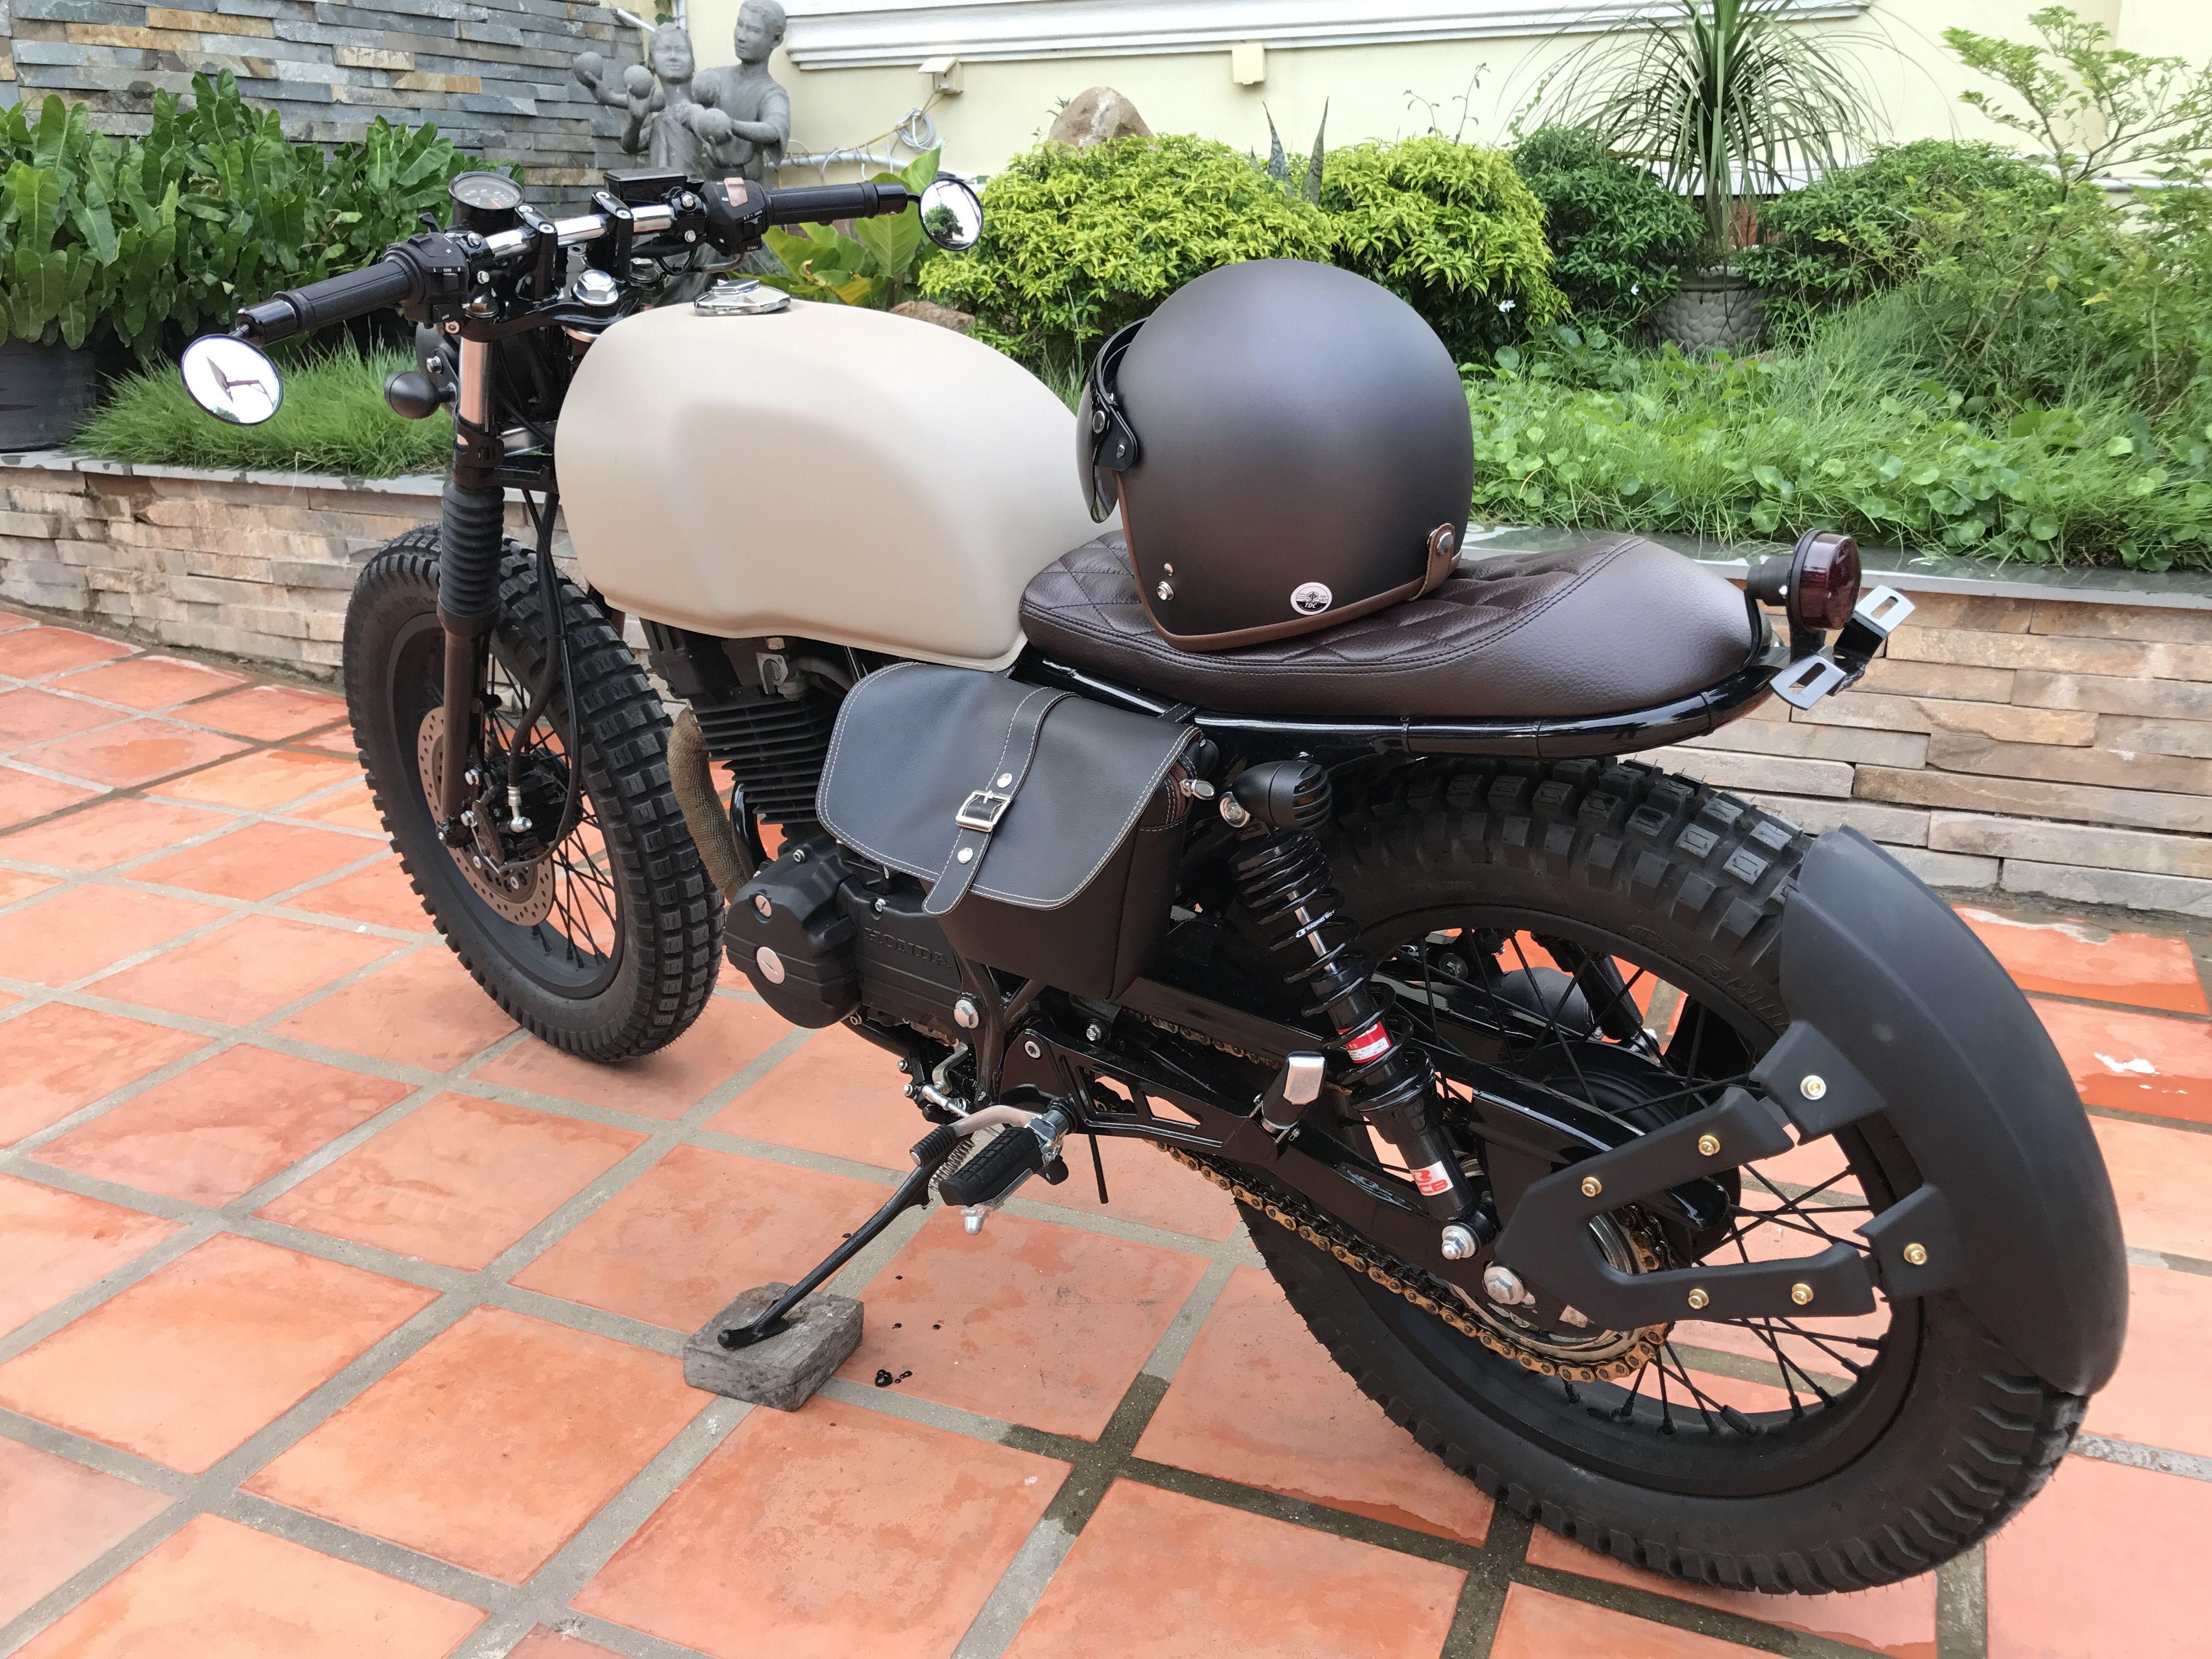 gb250 honda caferacer cafebrat bratstyle brat cafe project custom